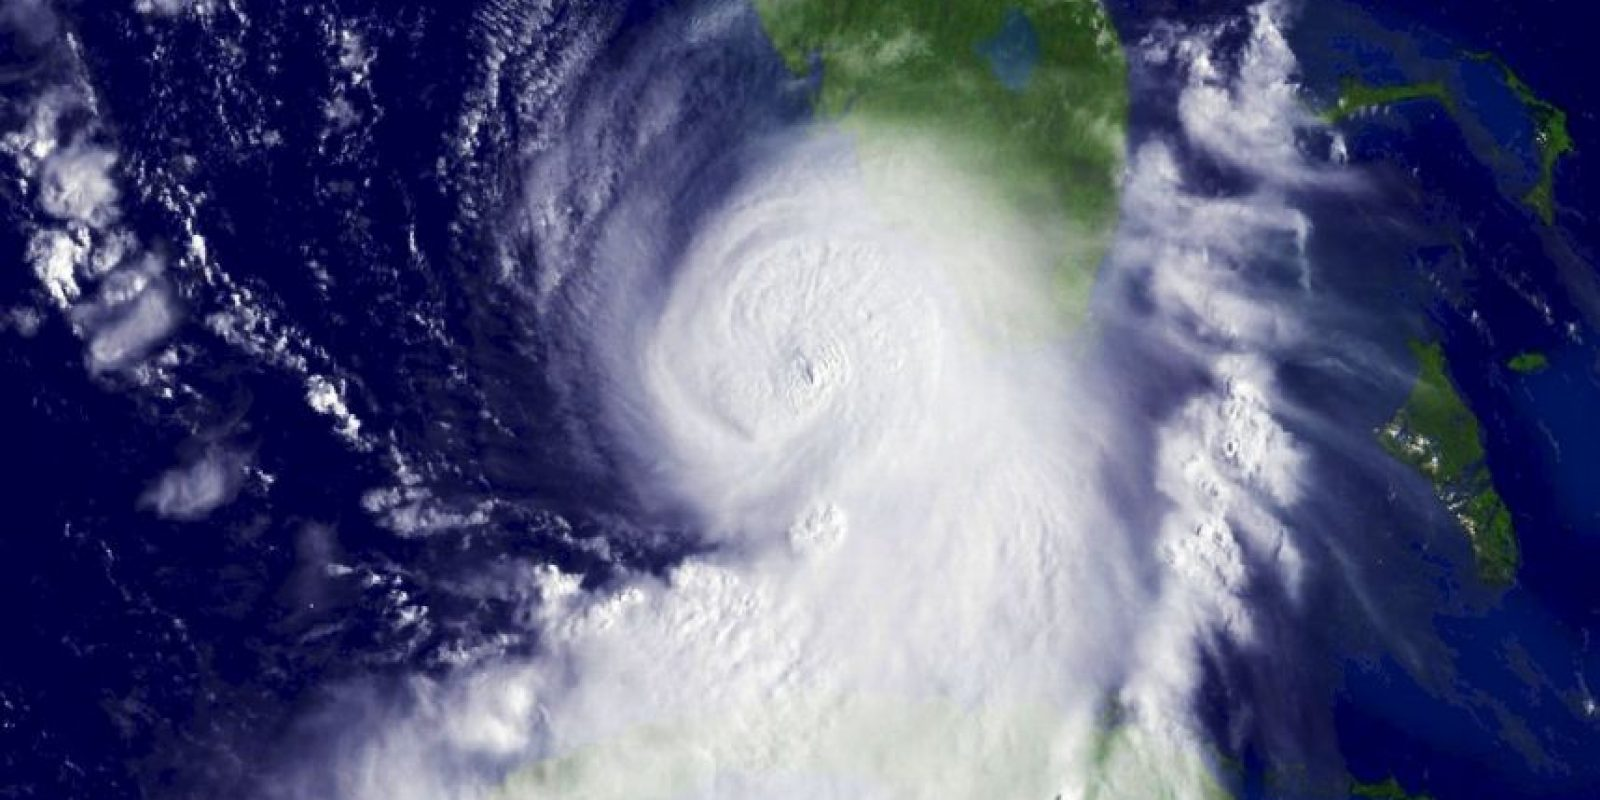 El huracán Katrina fue el más destructivo y el que causó más víctimas mortales de la temporada de huracanes en el Atlántico de 2005. Foto:Getty Images